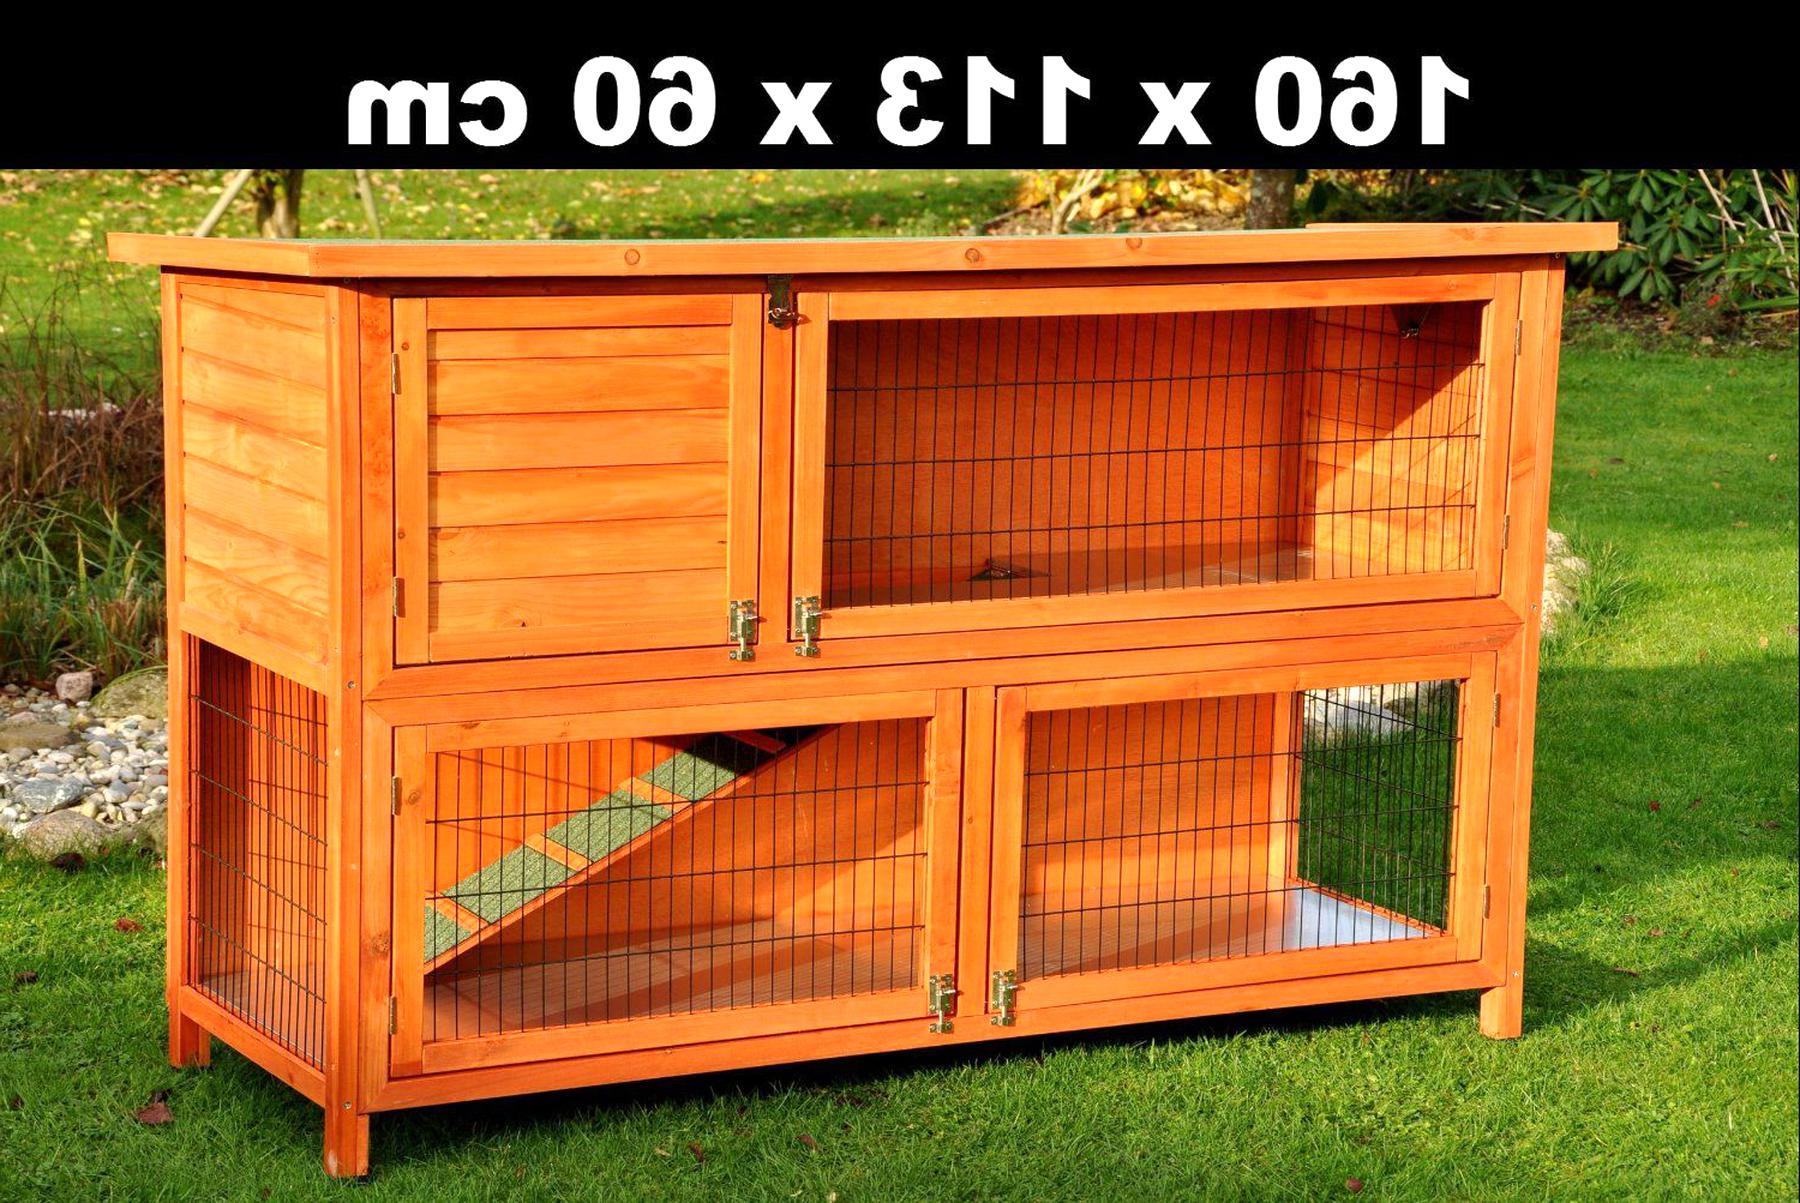 Hasenstall Kaninchenstall Kleintierstall Gebraucht Kaufen Nur 3 St Bis 60 Gunstiger